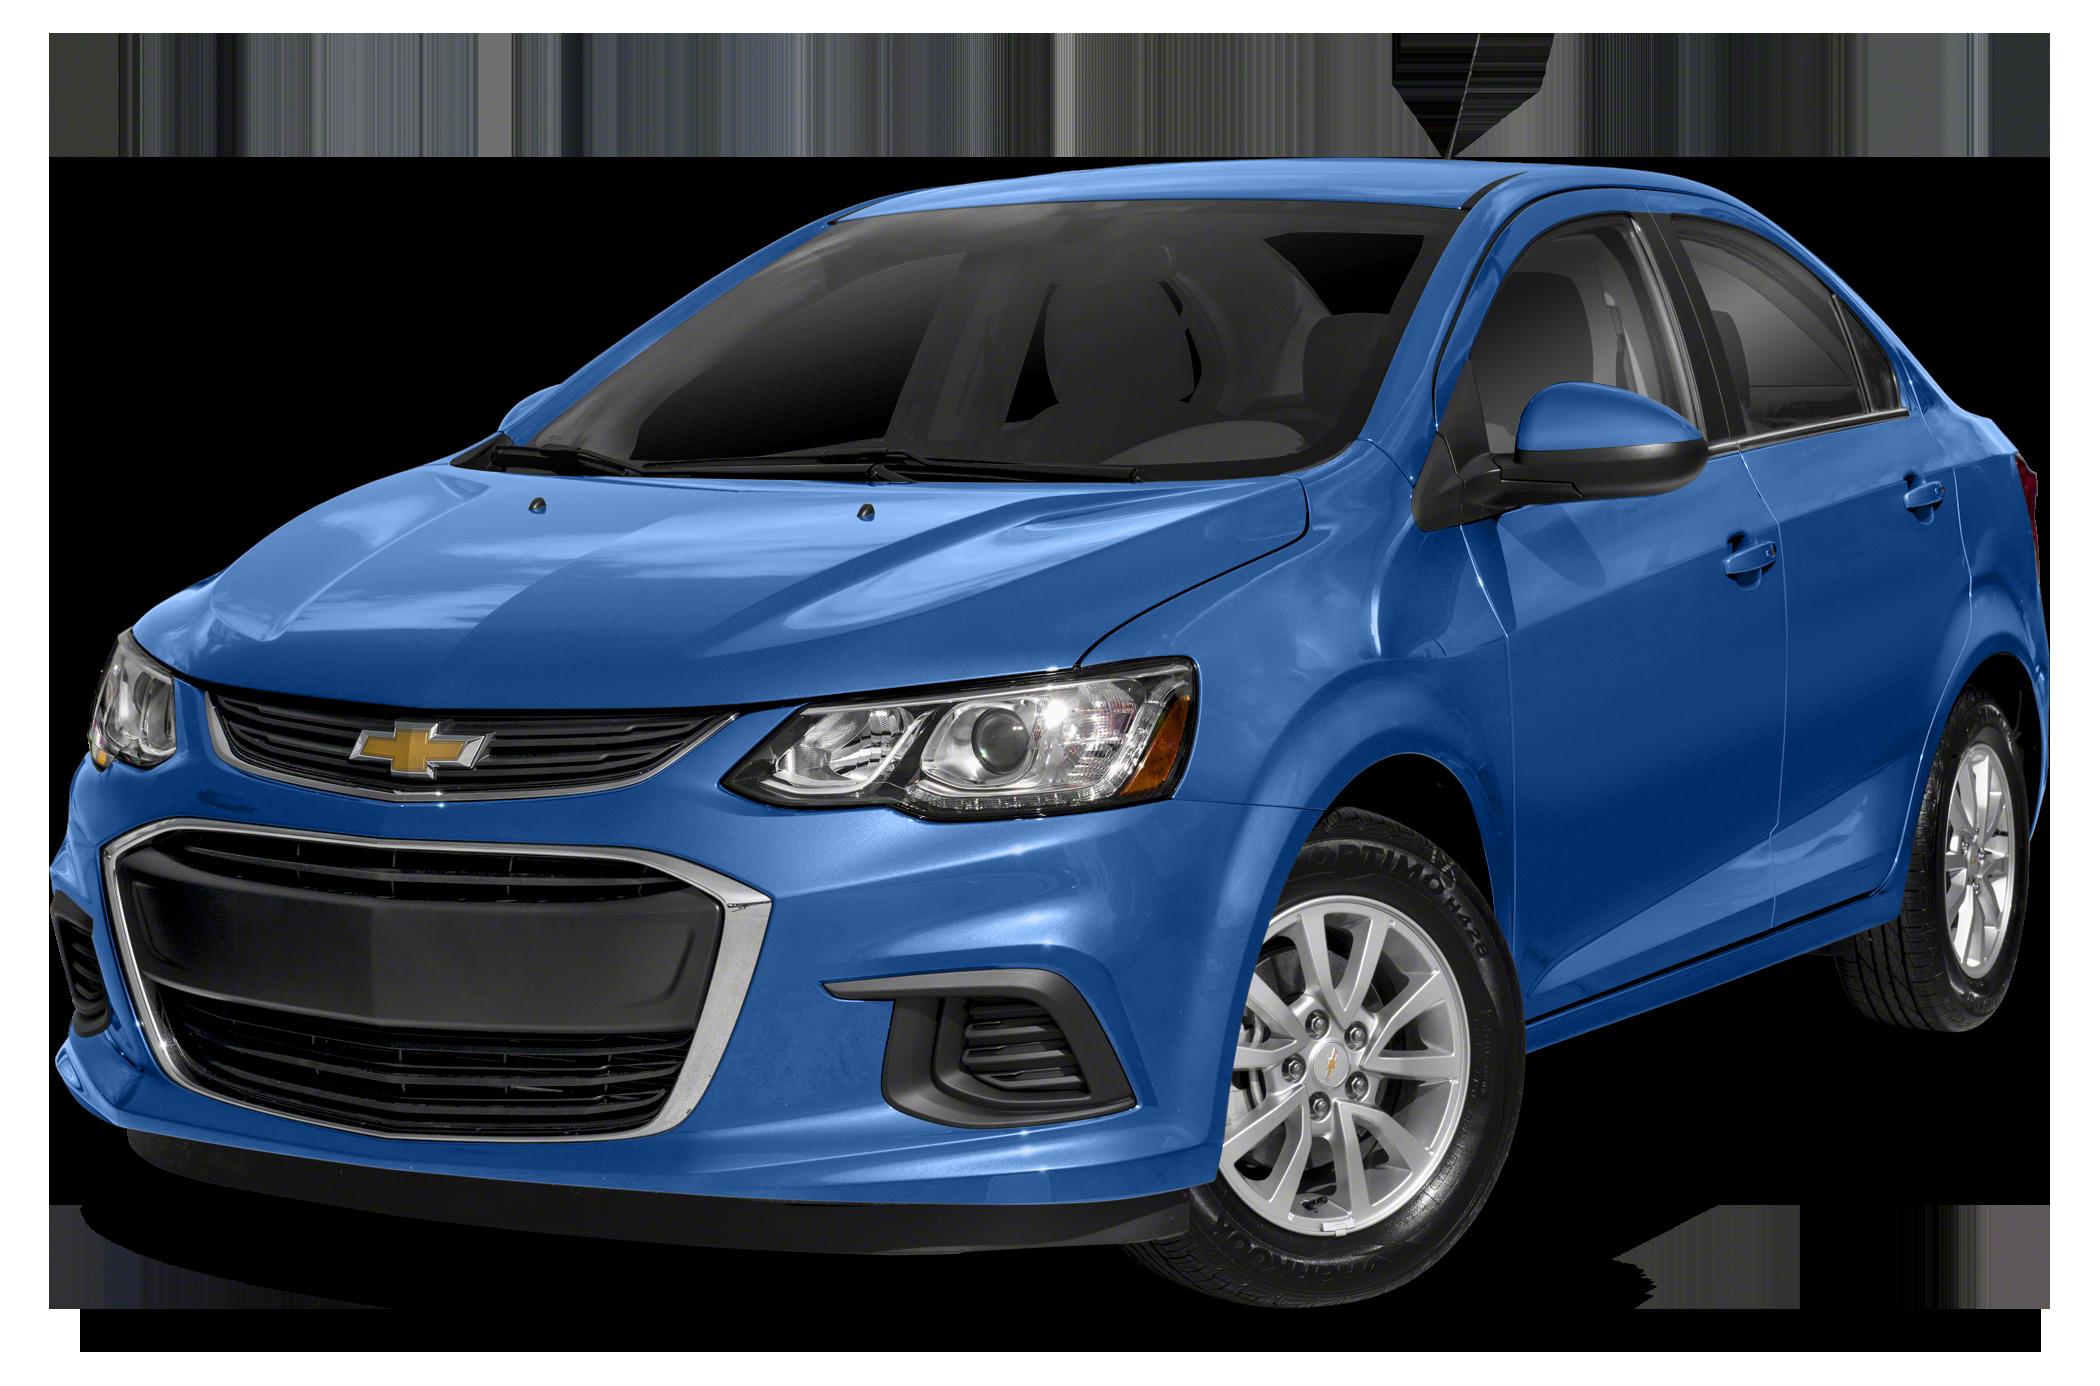 Compare Chevrolet/Sonic to Kia/Rio